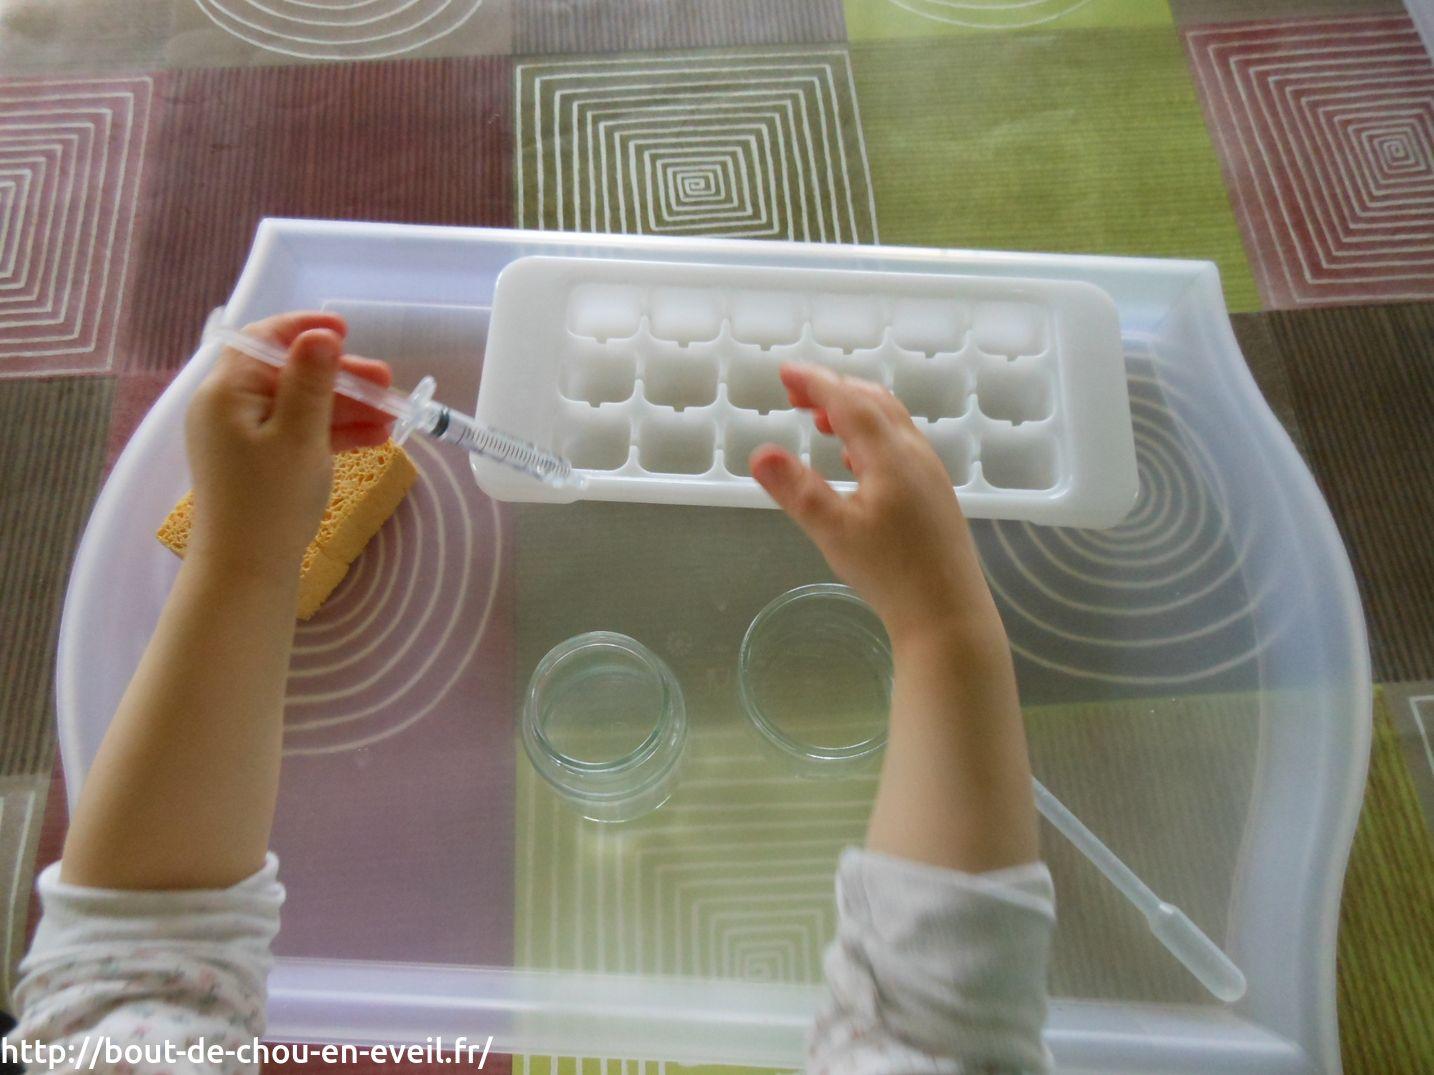 Activité Montessori : transvaser avec une seringue | Bout de chou ...